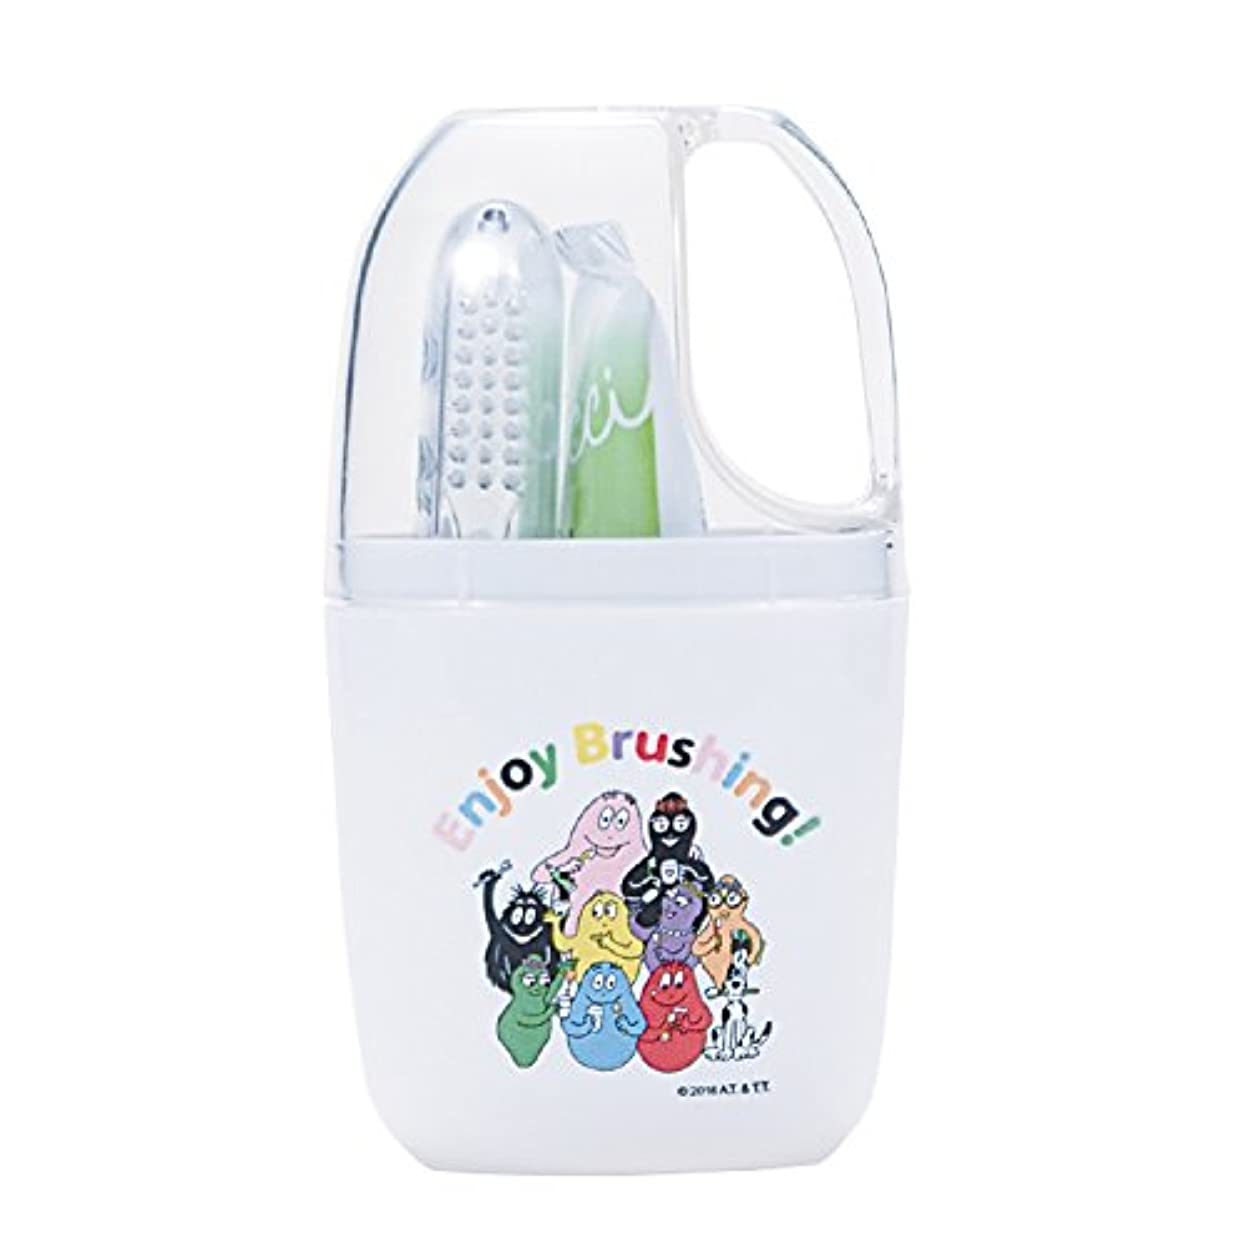 タイヤおばさん知るCi バーバパパ トラベルセット 歯ブラシ (コップ付きセット)